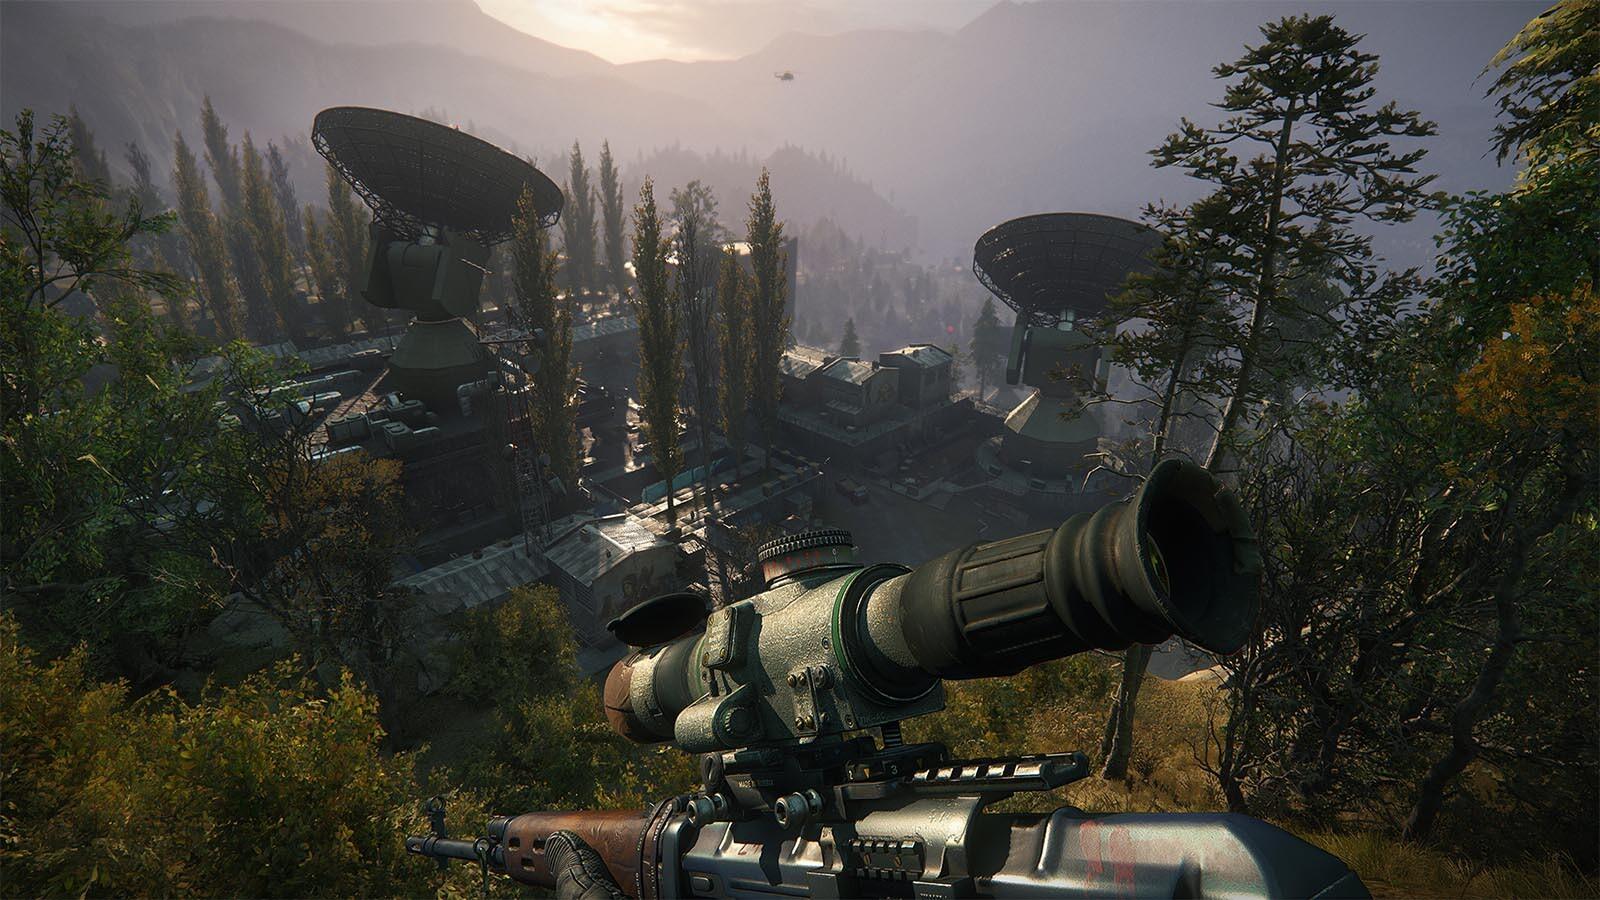 Kết quả hình ảnh cho Sniper Ghost Warrior 3 Season Pass Edition